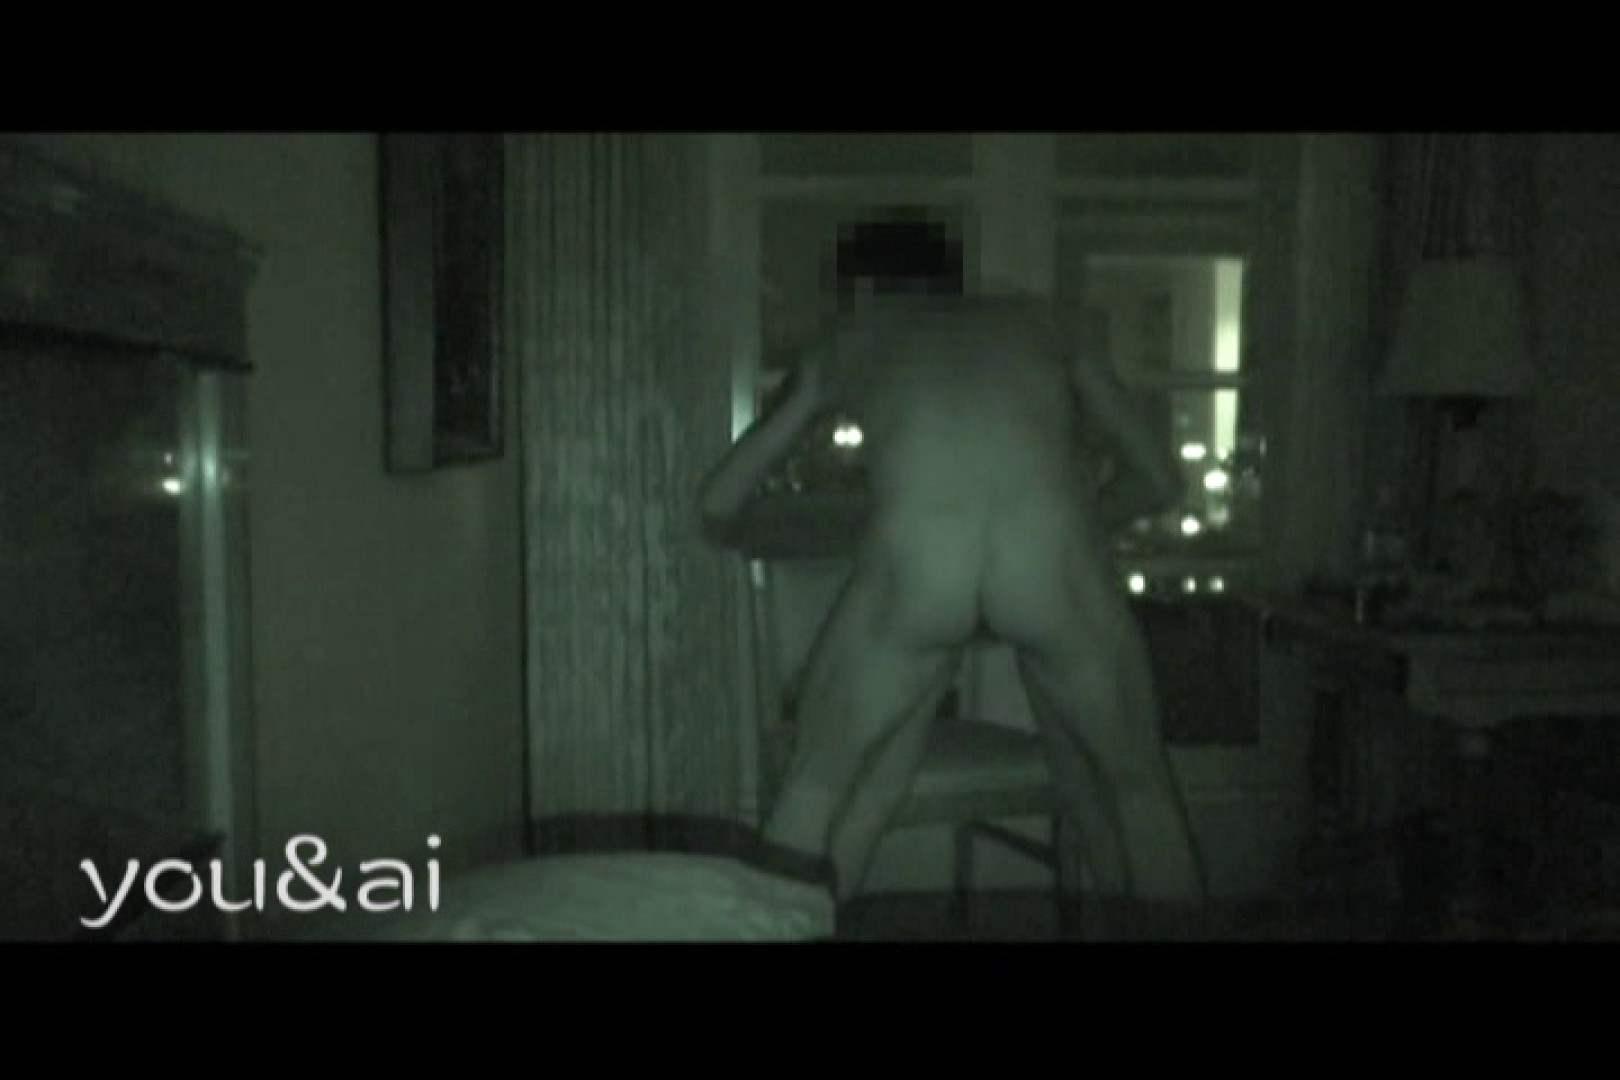 おしどり夫婦のyou&aiさん投稿作品vol.10 ホテル | 投稿作品  107連発 79